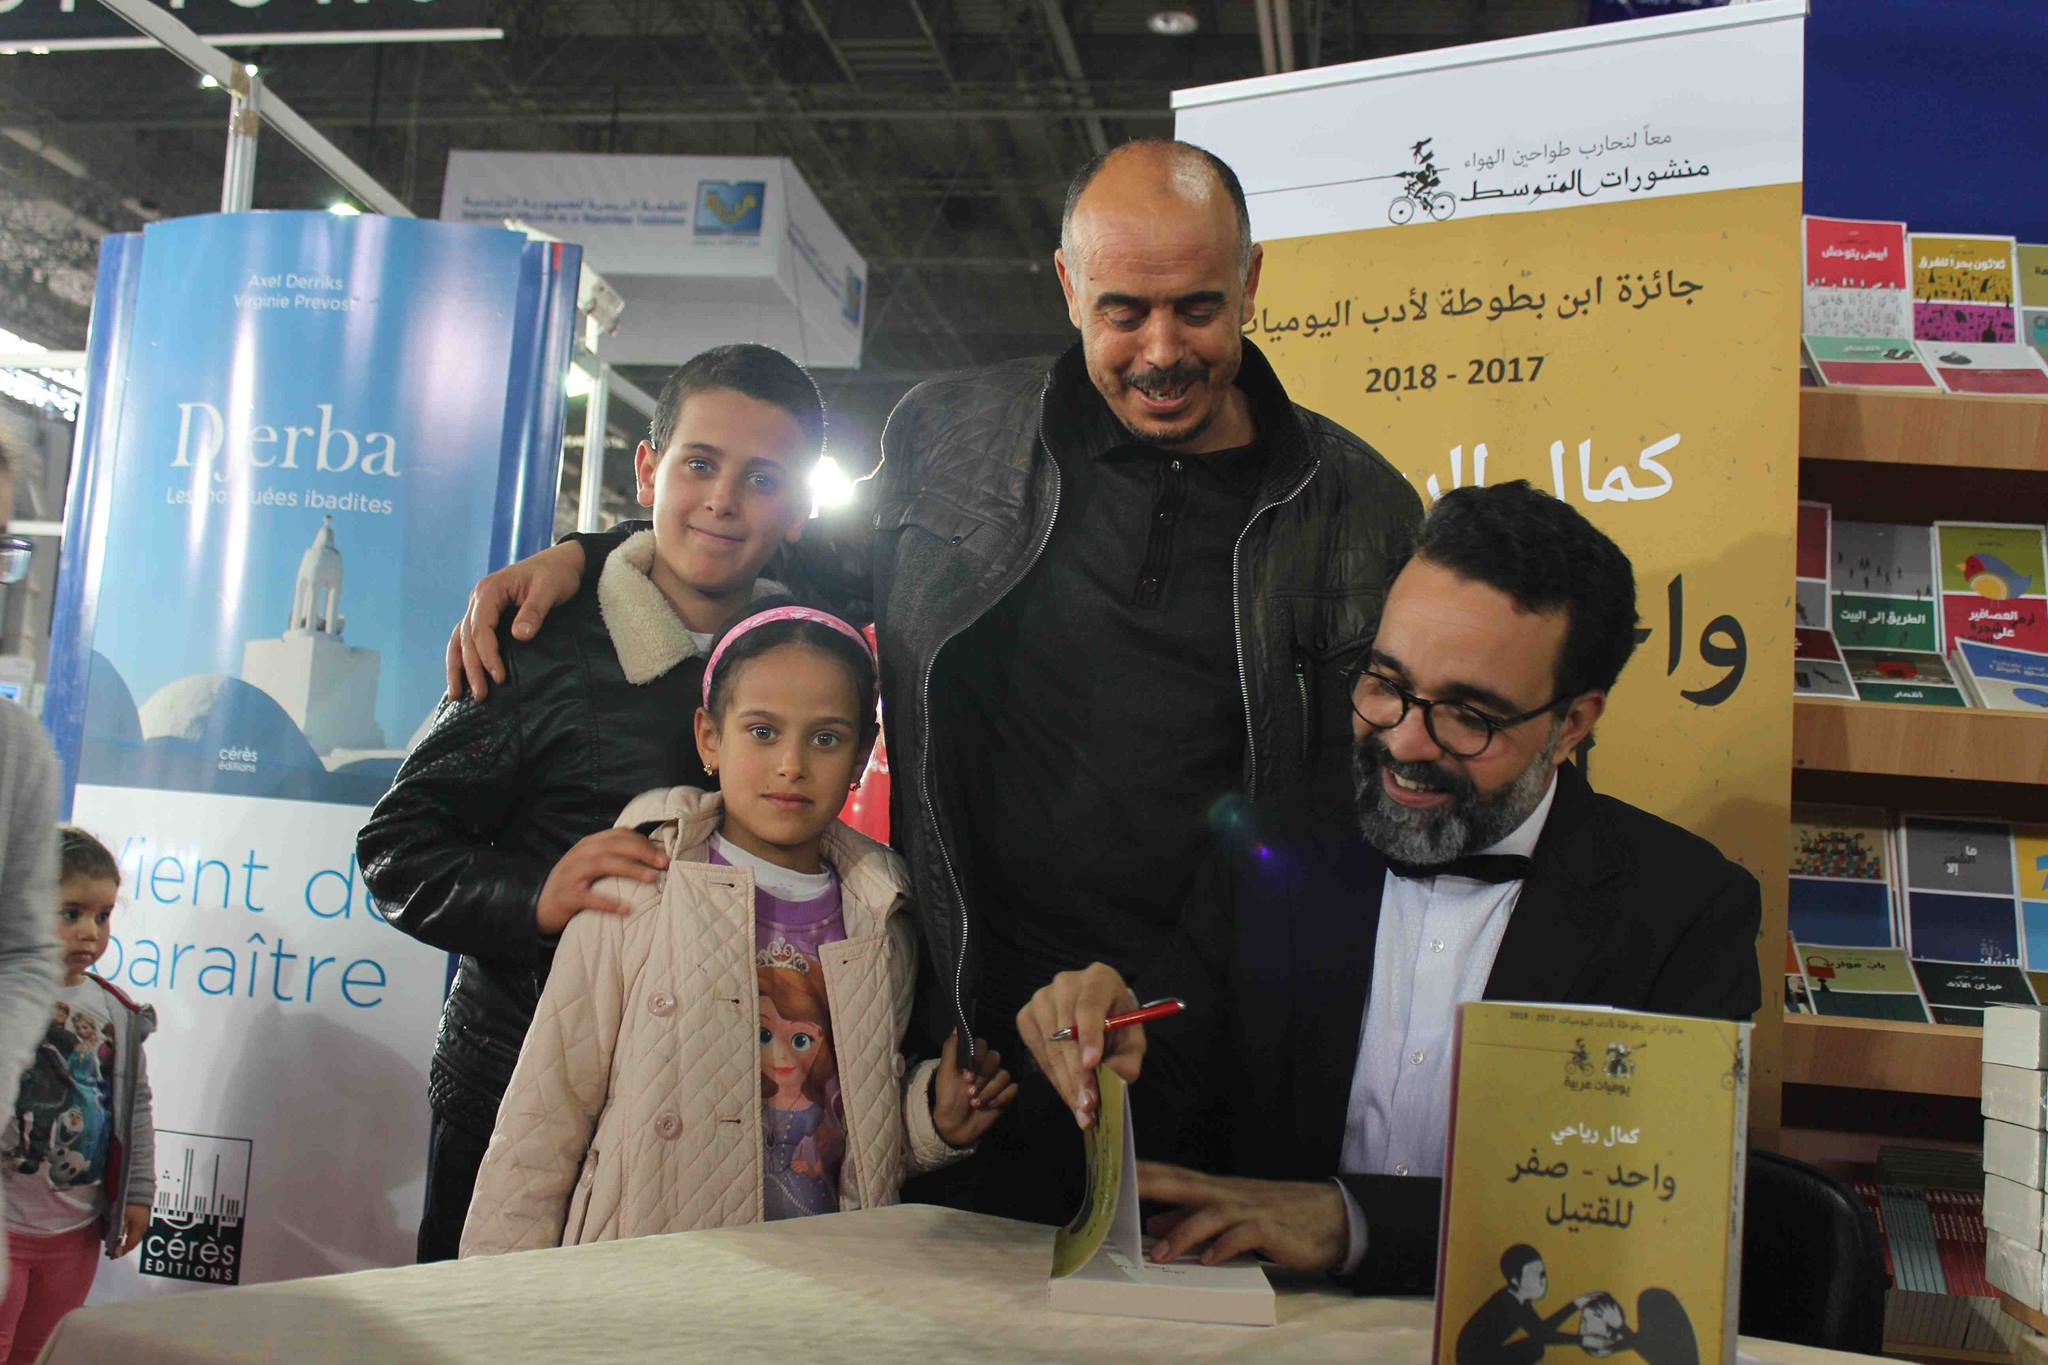 كمال الرياحى يوقع كتابه واحد صفر للقتيل الفائز بجائزة ابن بطوطة فى معرض تونس (2)